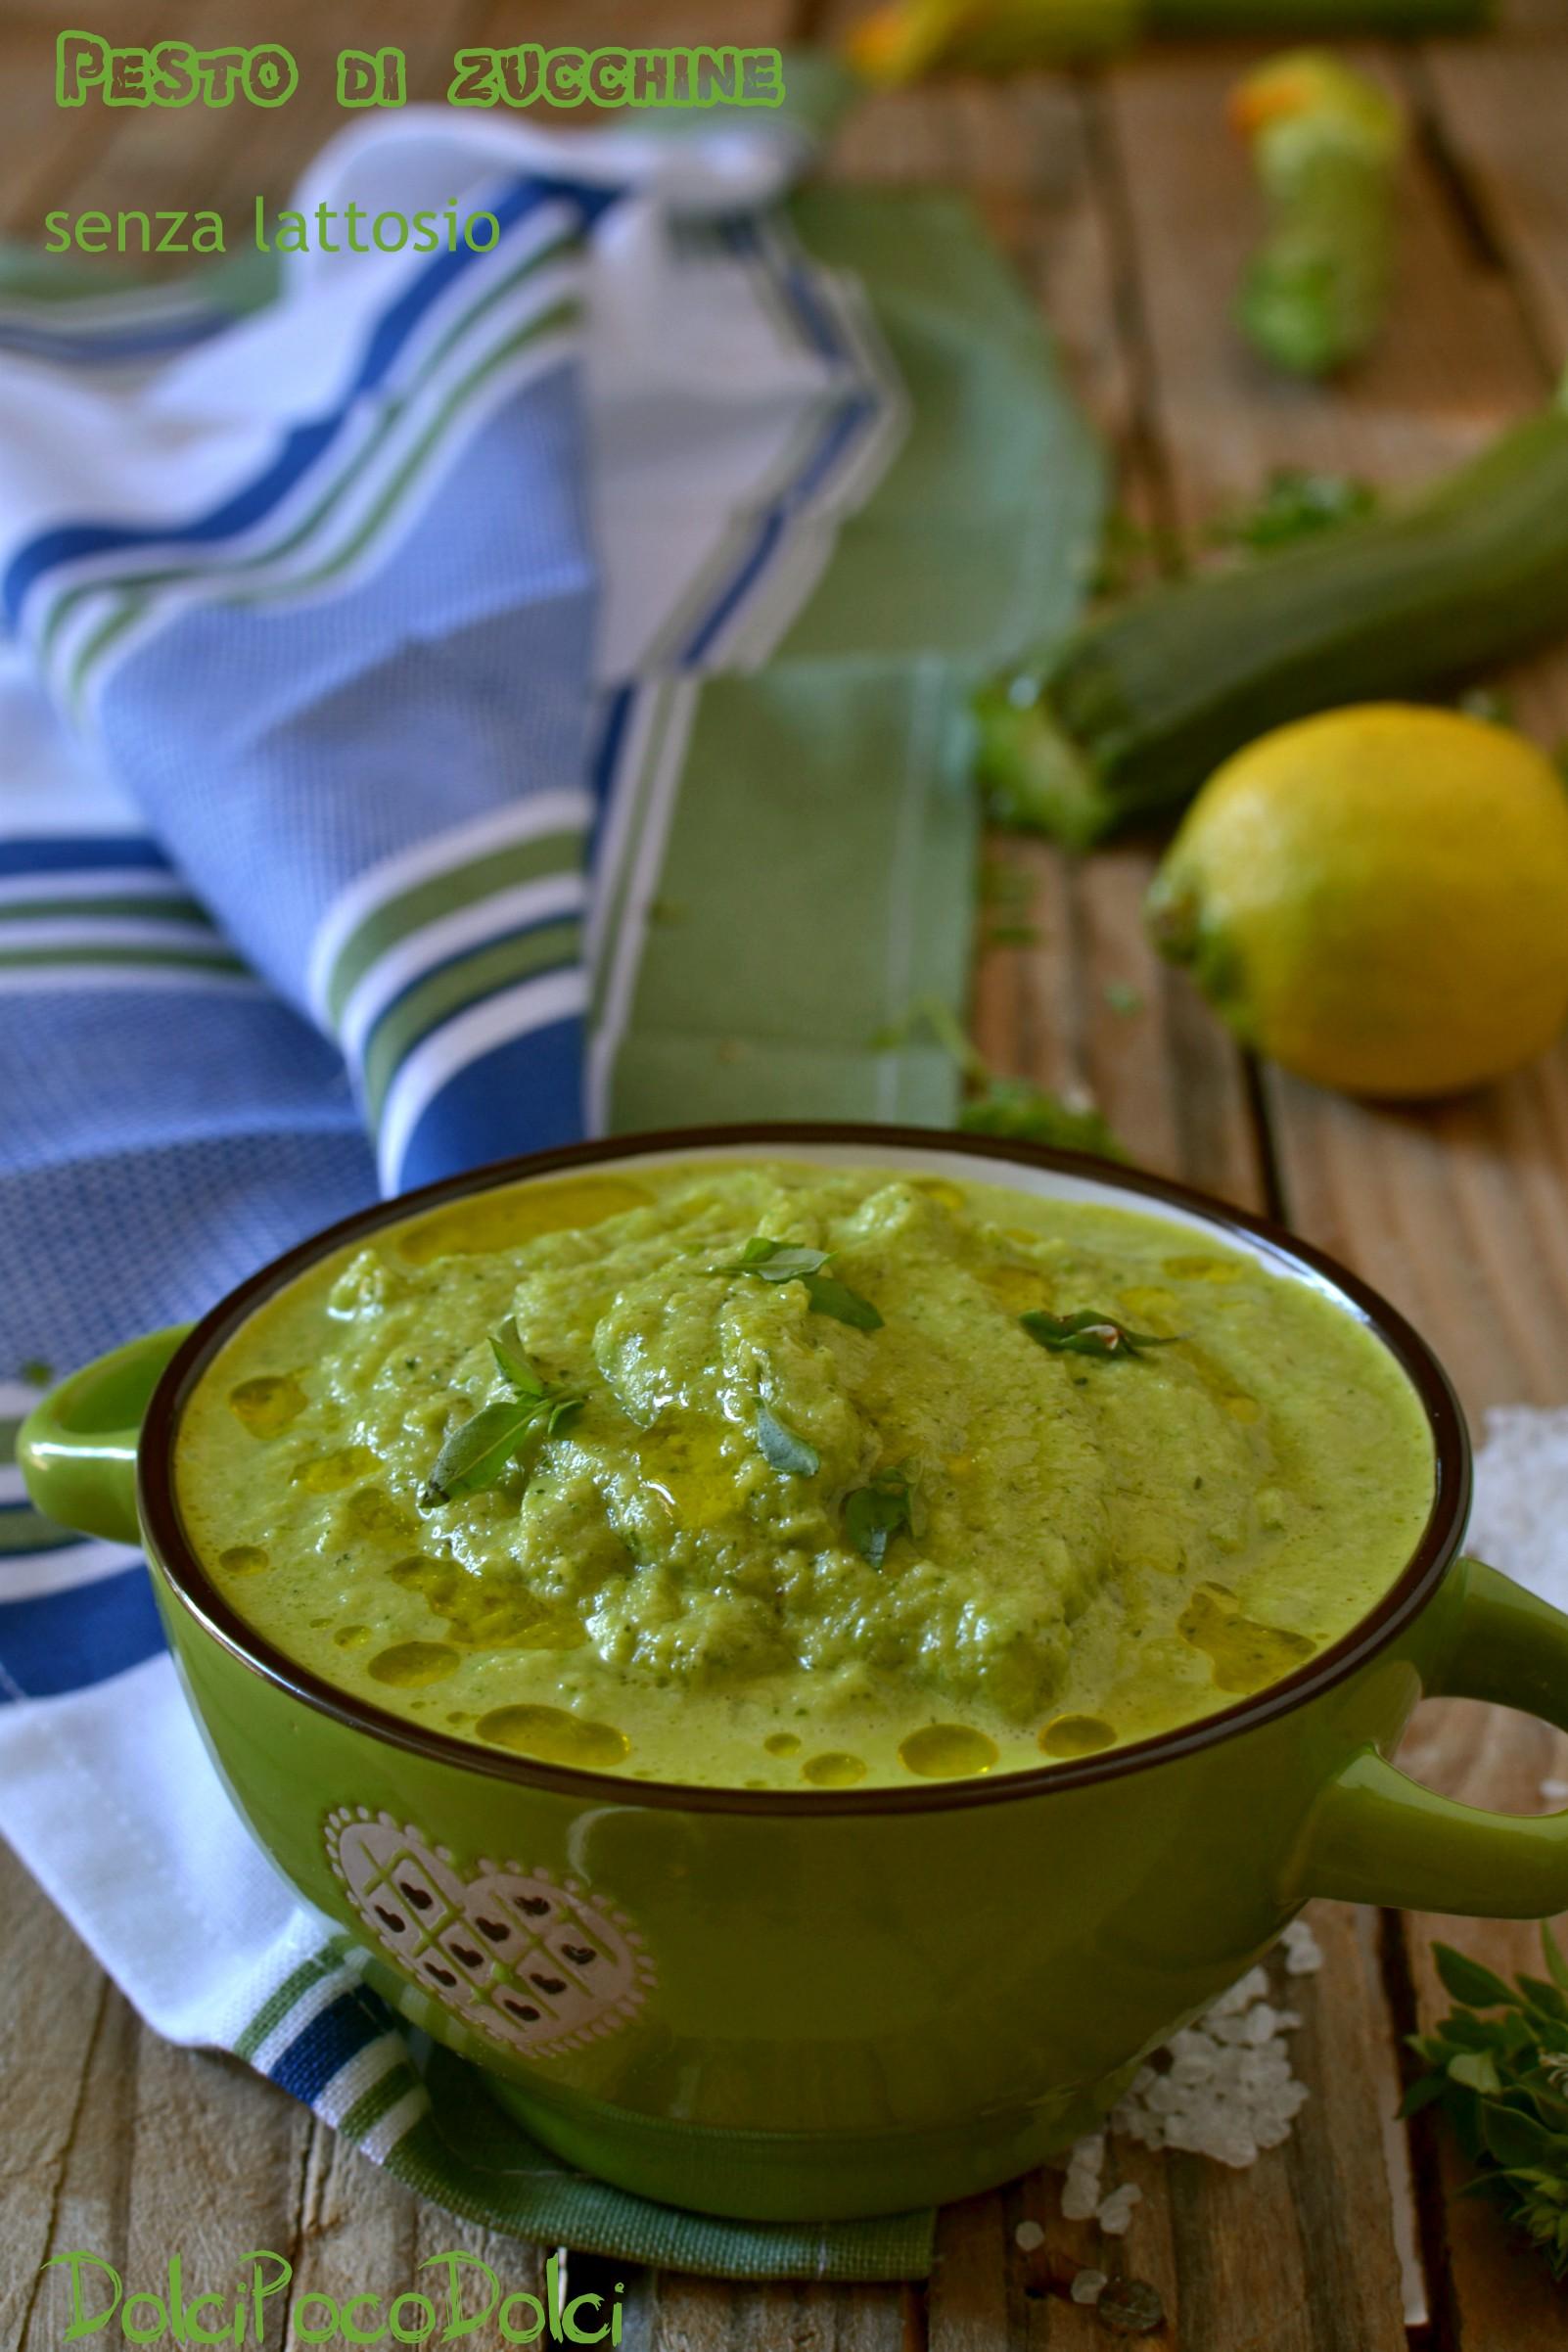 Pesto di zucchine senza lattosio